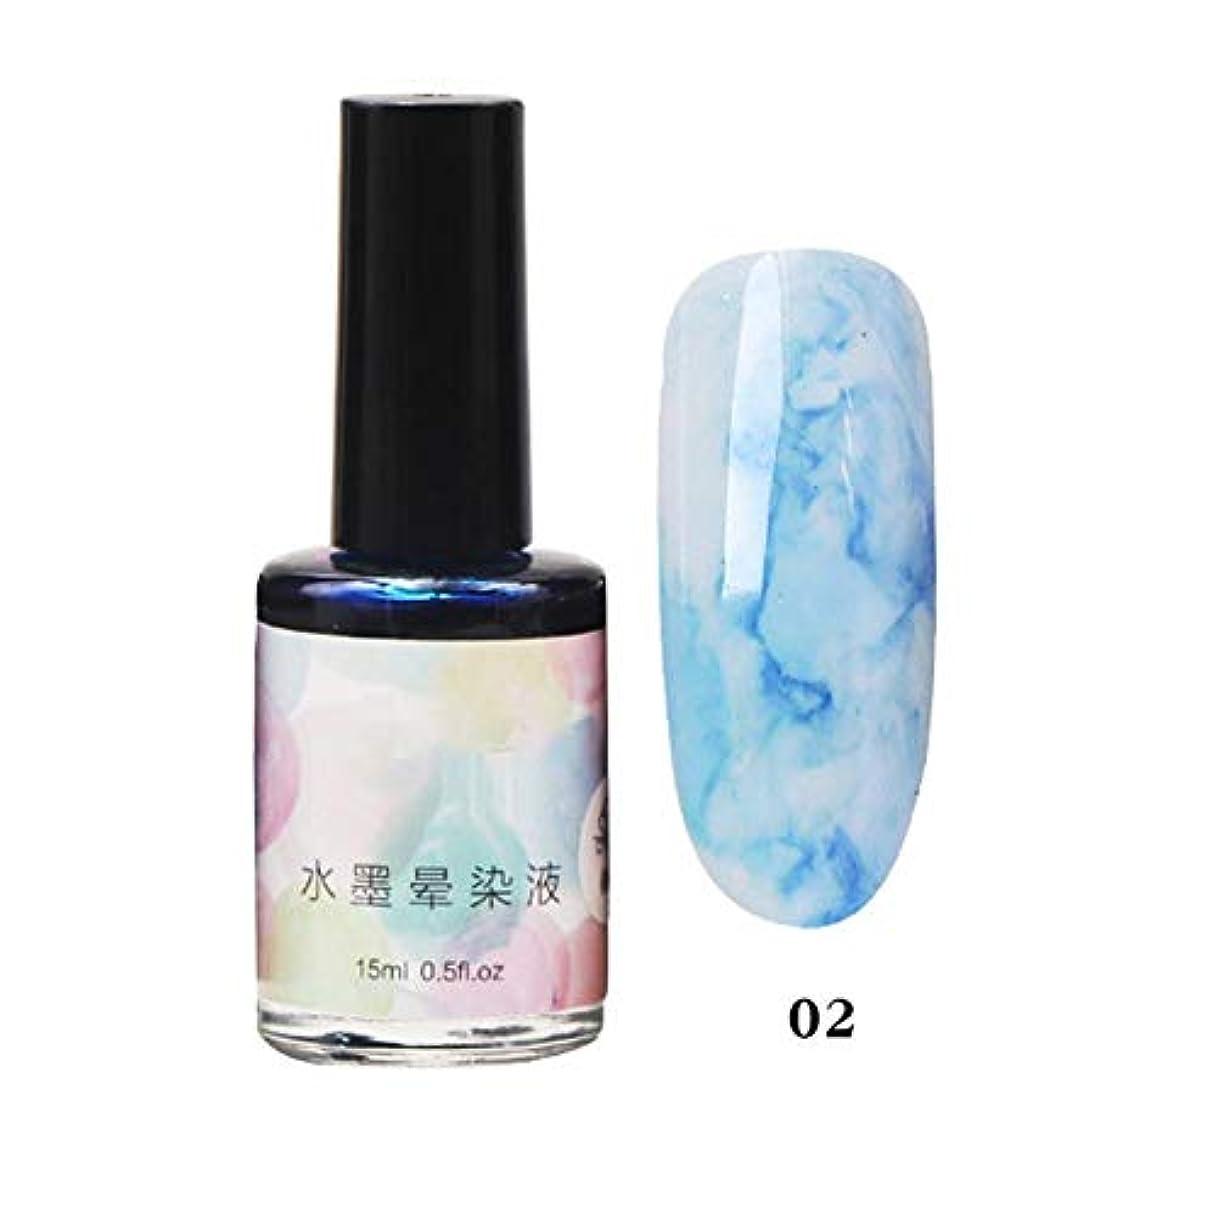 アライアンス協力する芸術的11色選べる ネイルポリッシュ マニキュア ネイルアート 美しい 水墨柄 ネイルカラー 液体 爪に塗って乾かす 初心者でも簡単に使用できる junexi